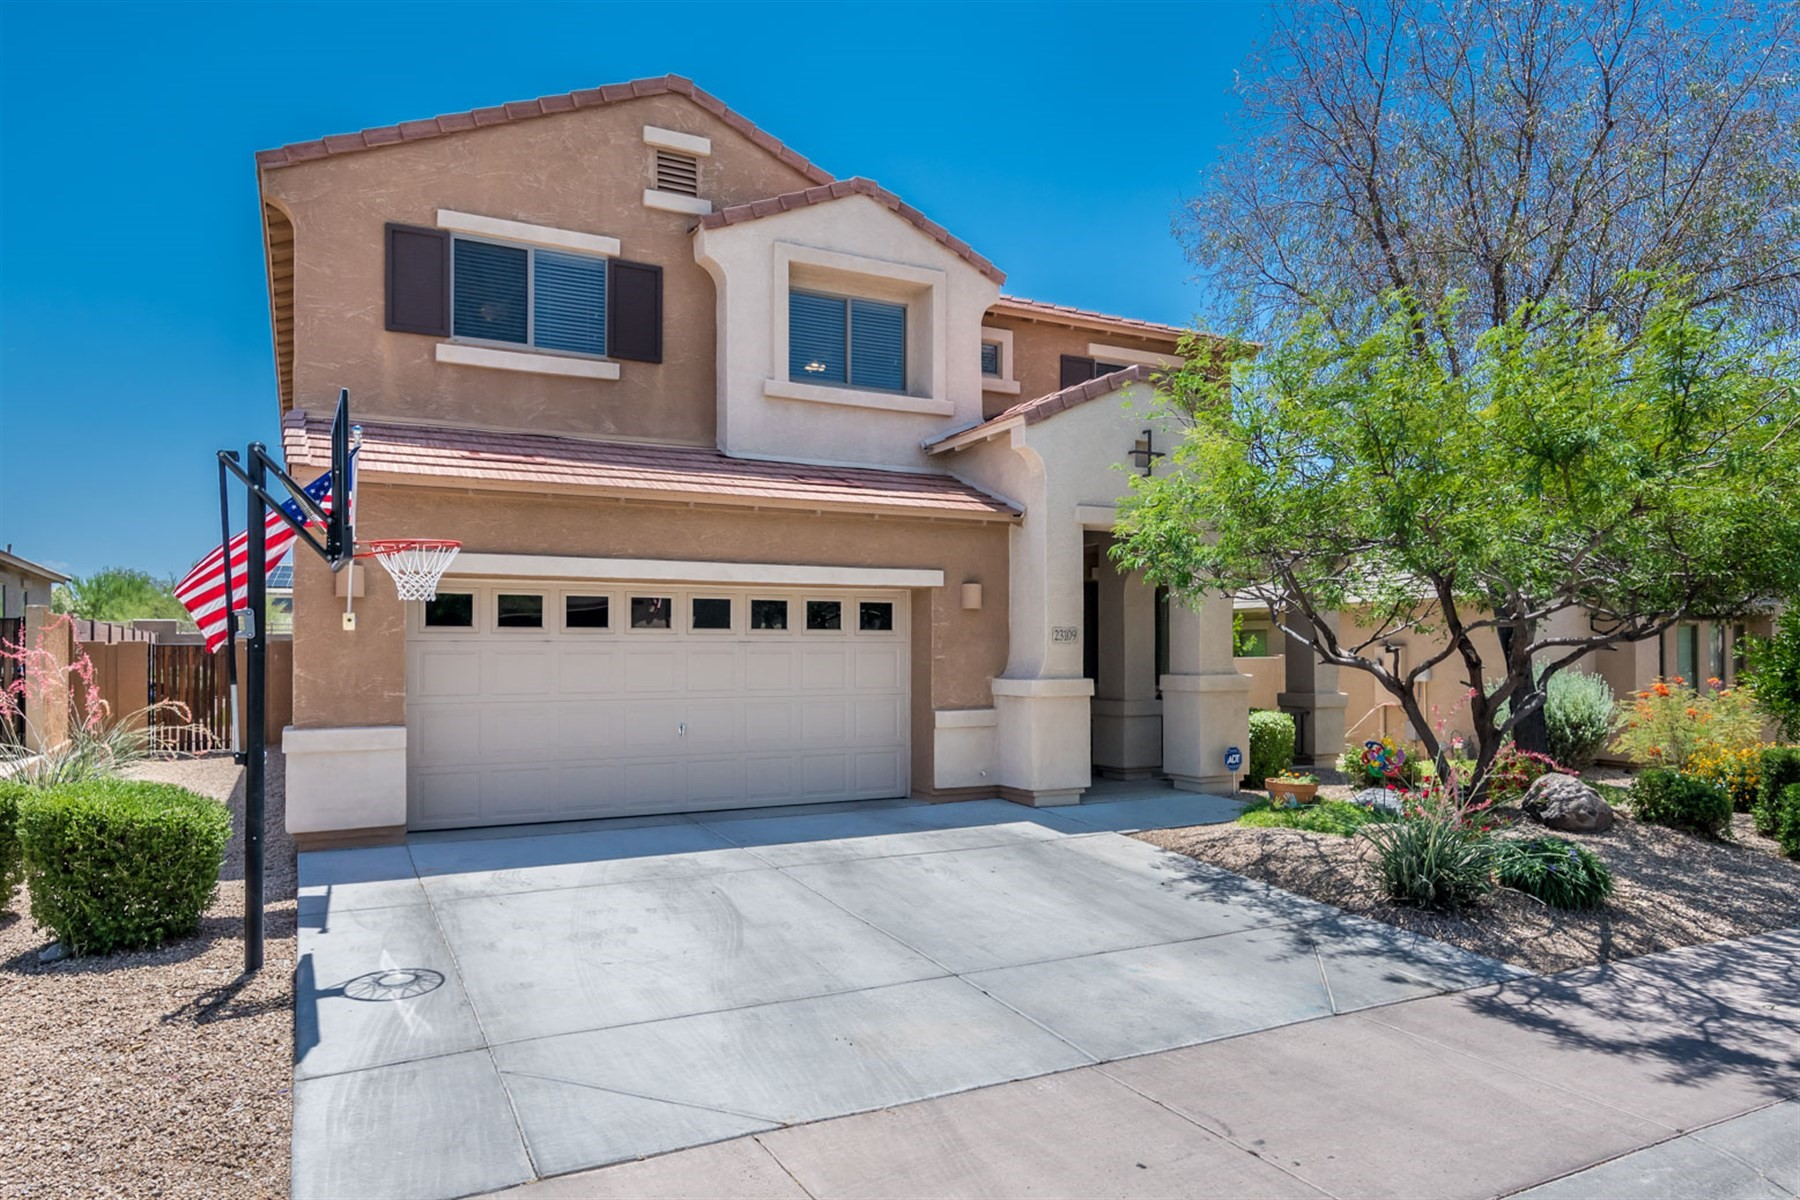 단독 가정 주택 용 매매 에 Amazing two story home in Desert Ridge 23109 N 41st St Phoenix, 아리조나, 85050 미국